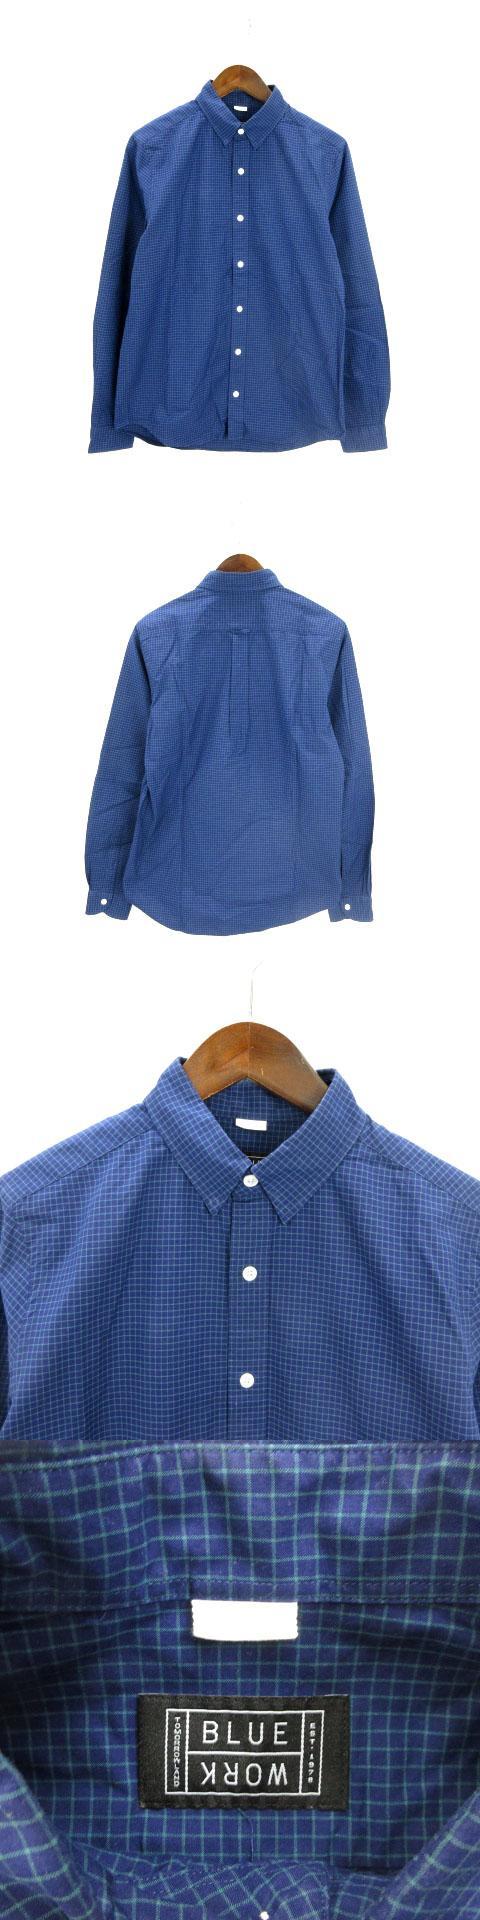 トゥモローランド シャツ 長袖 チェック コットン 紺 ネイビー系 S